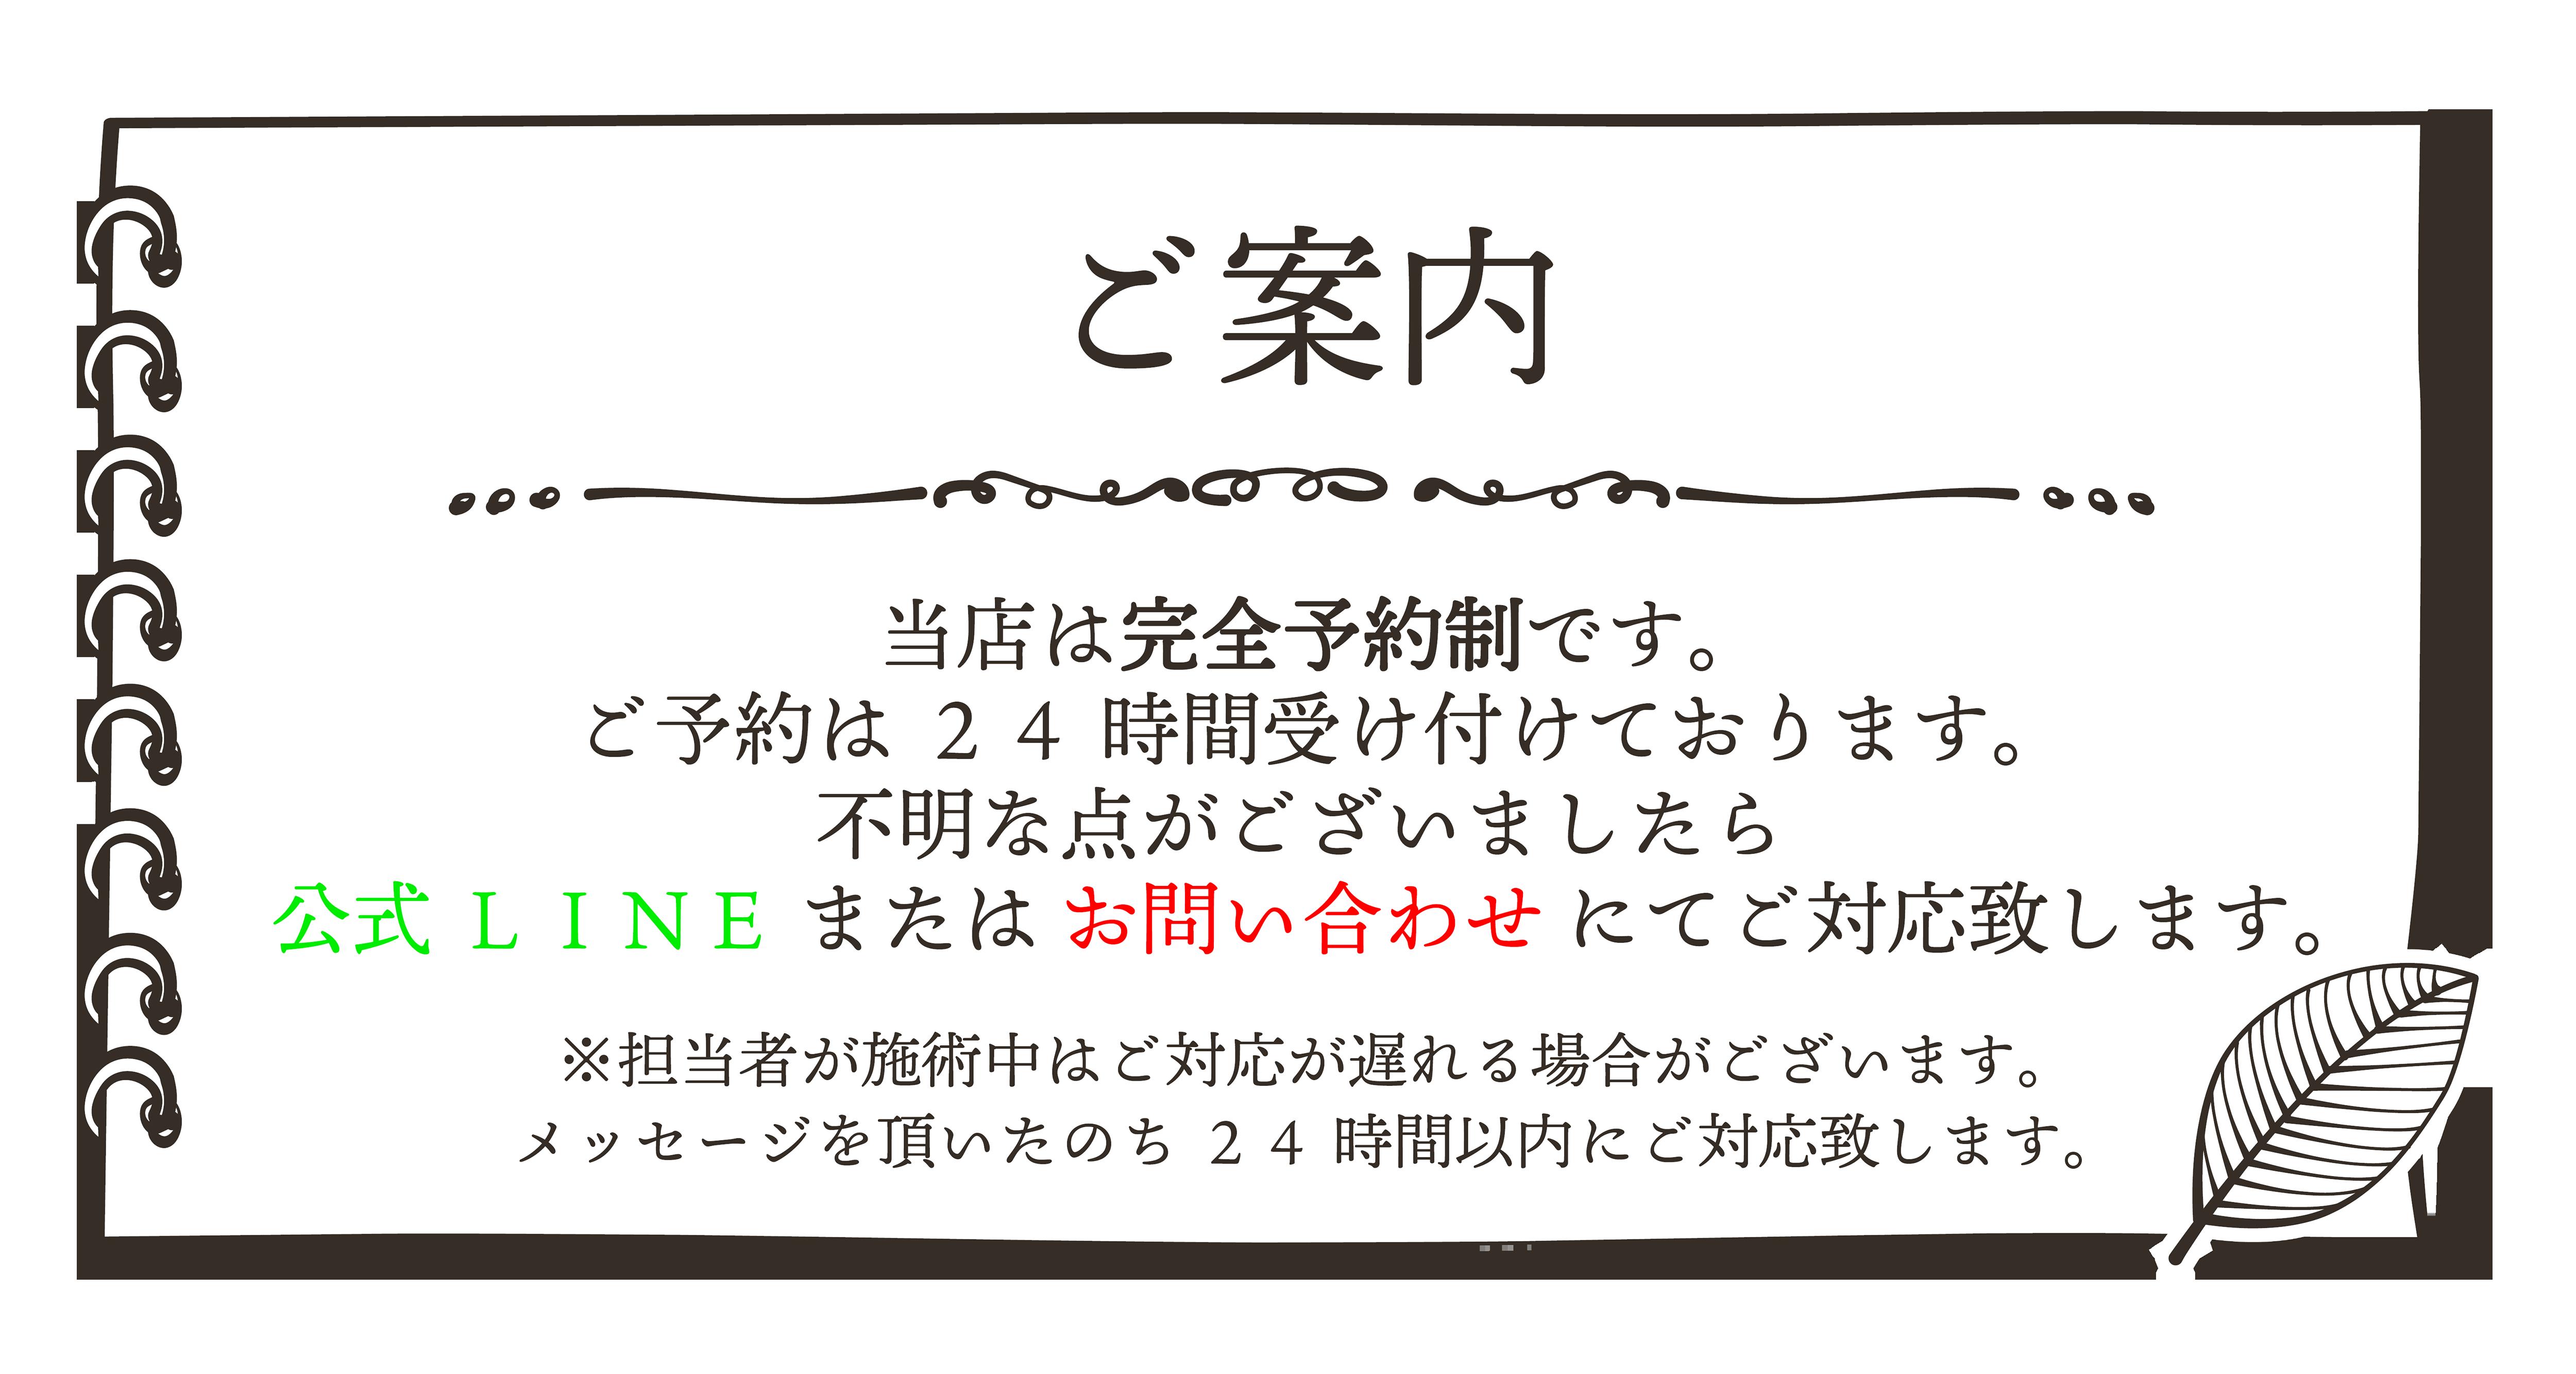 yoyaku_01.png